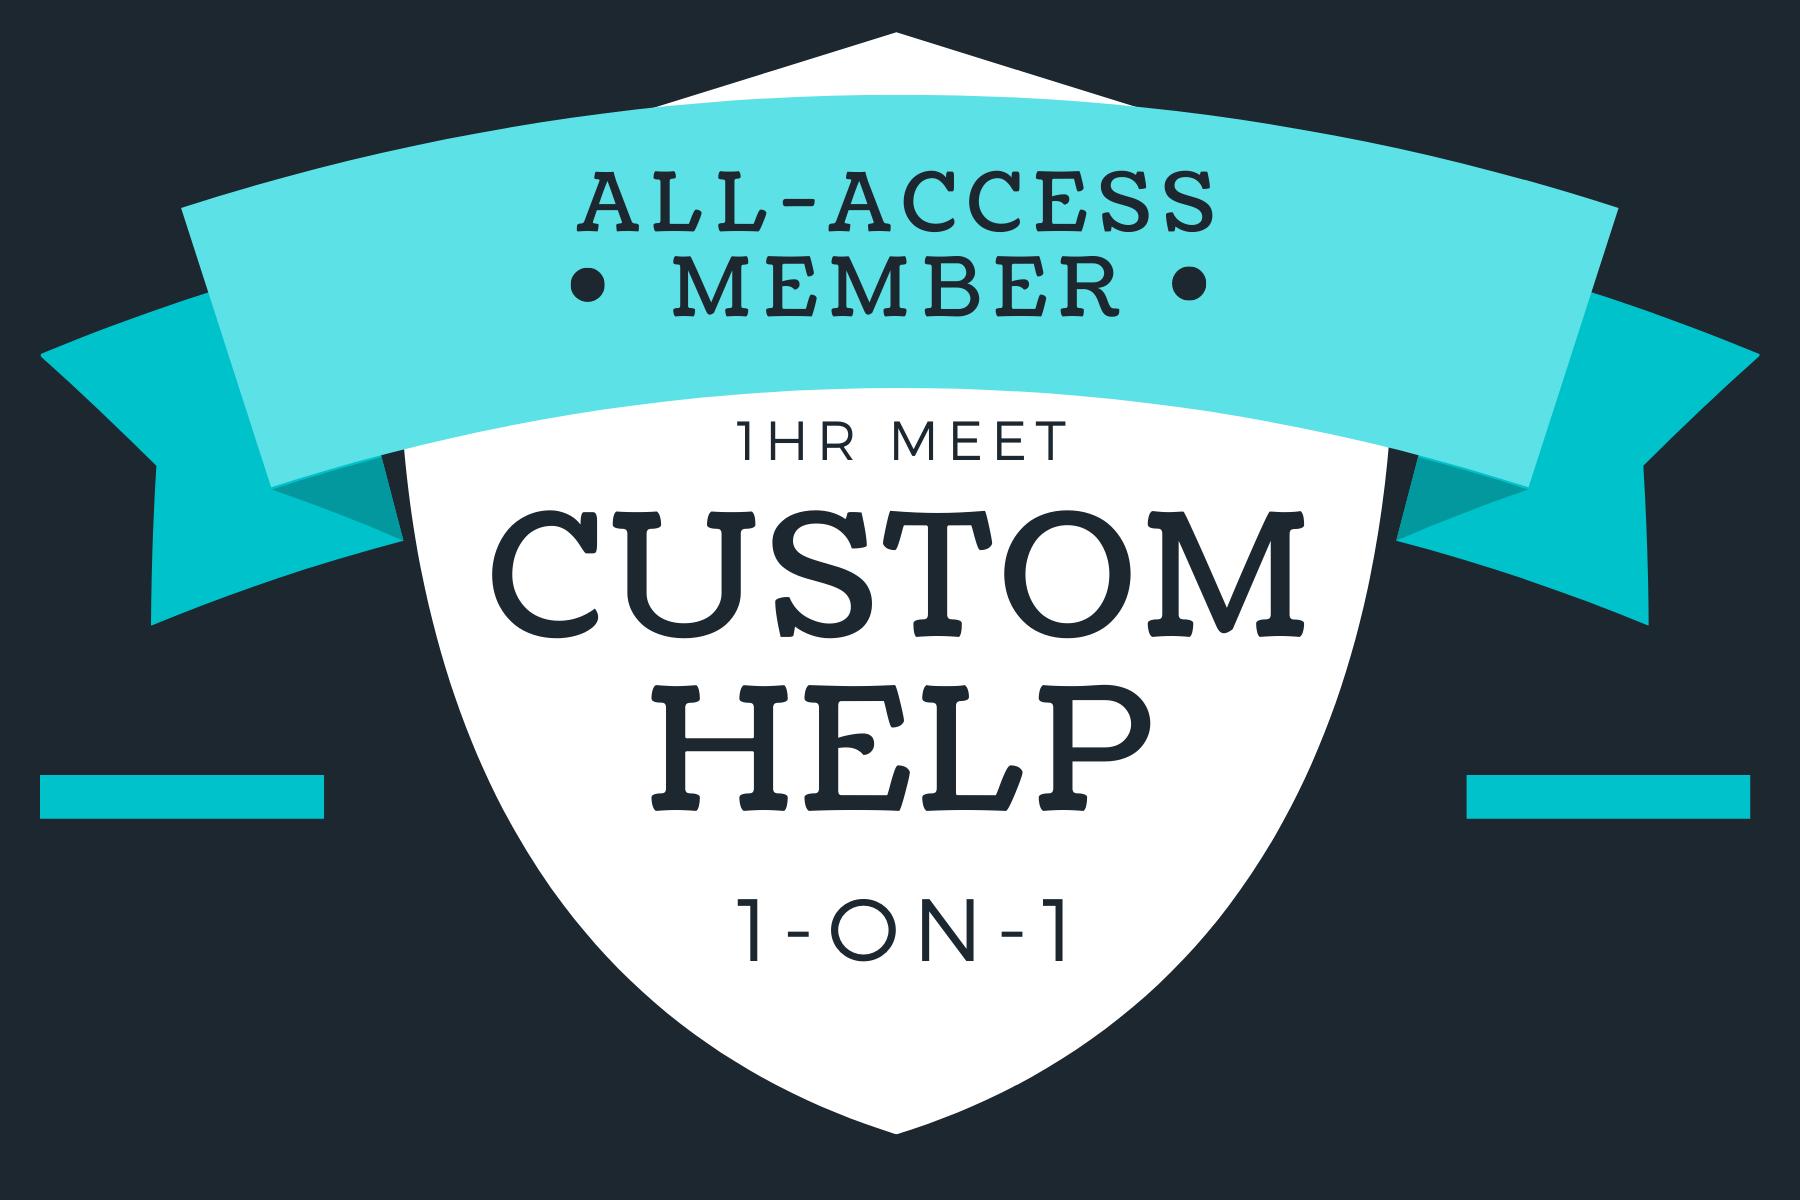 All-Access Custom Help 1-on-1